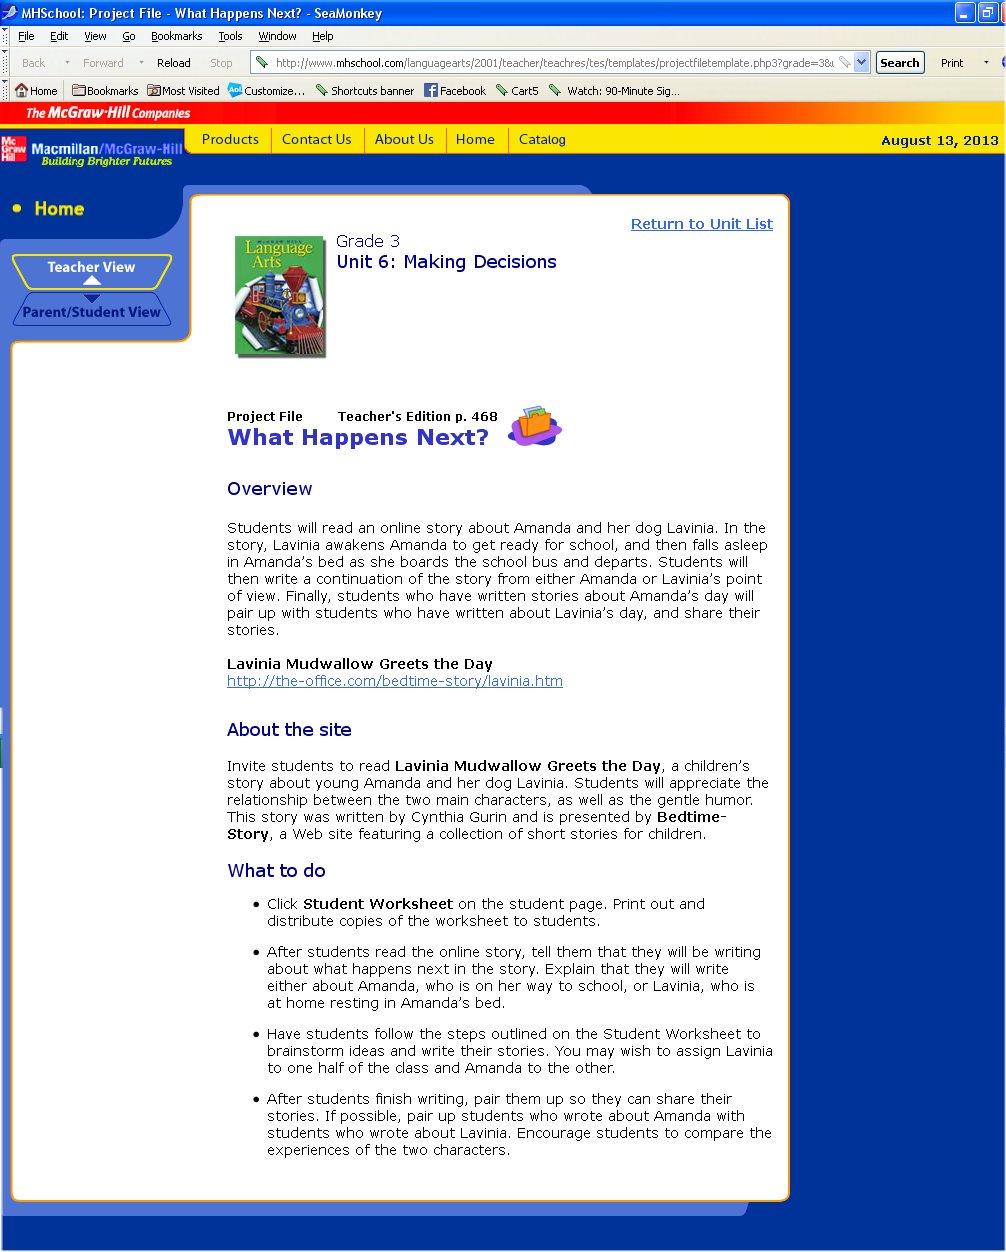 Bedtime-Story com - Publishing Whimsical Bedtime-Stories for